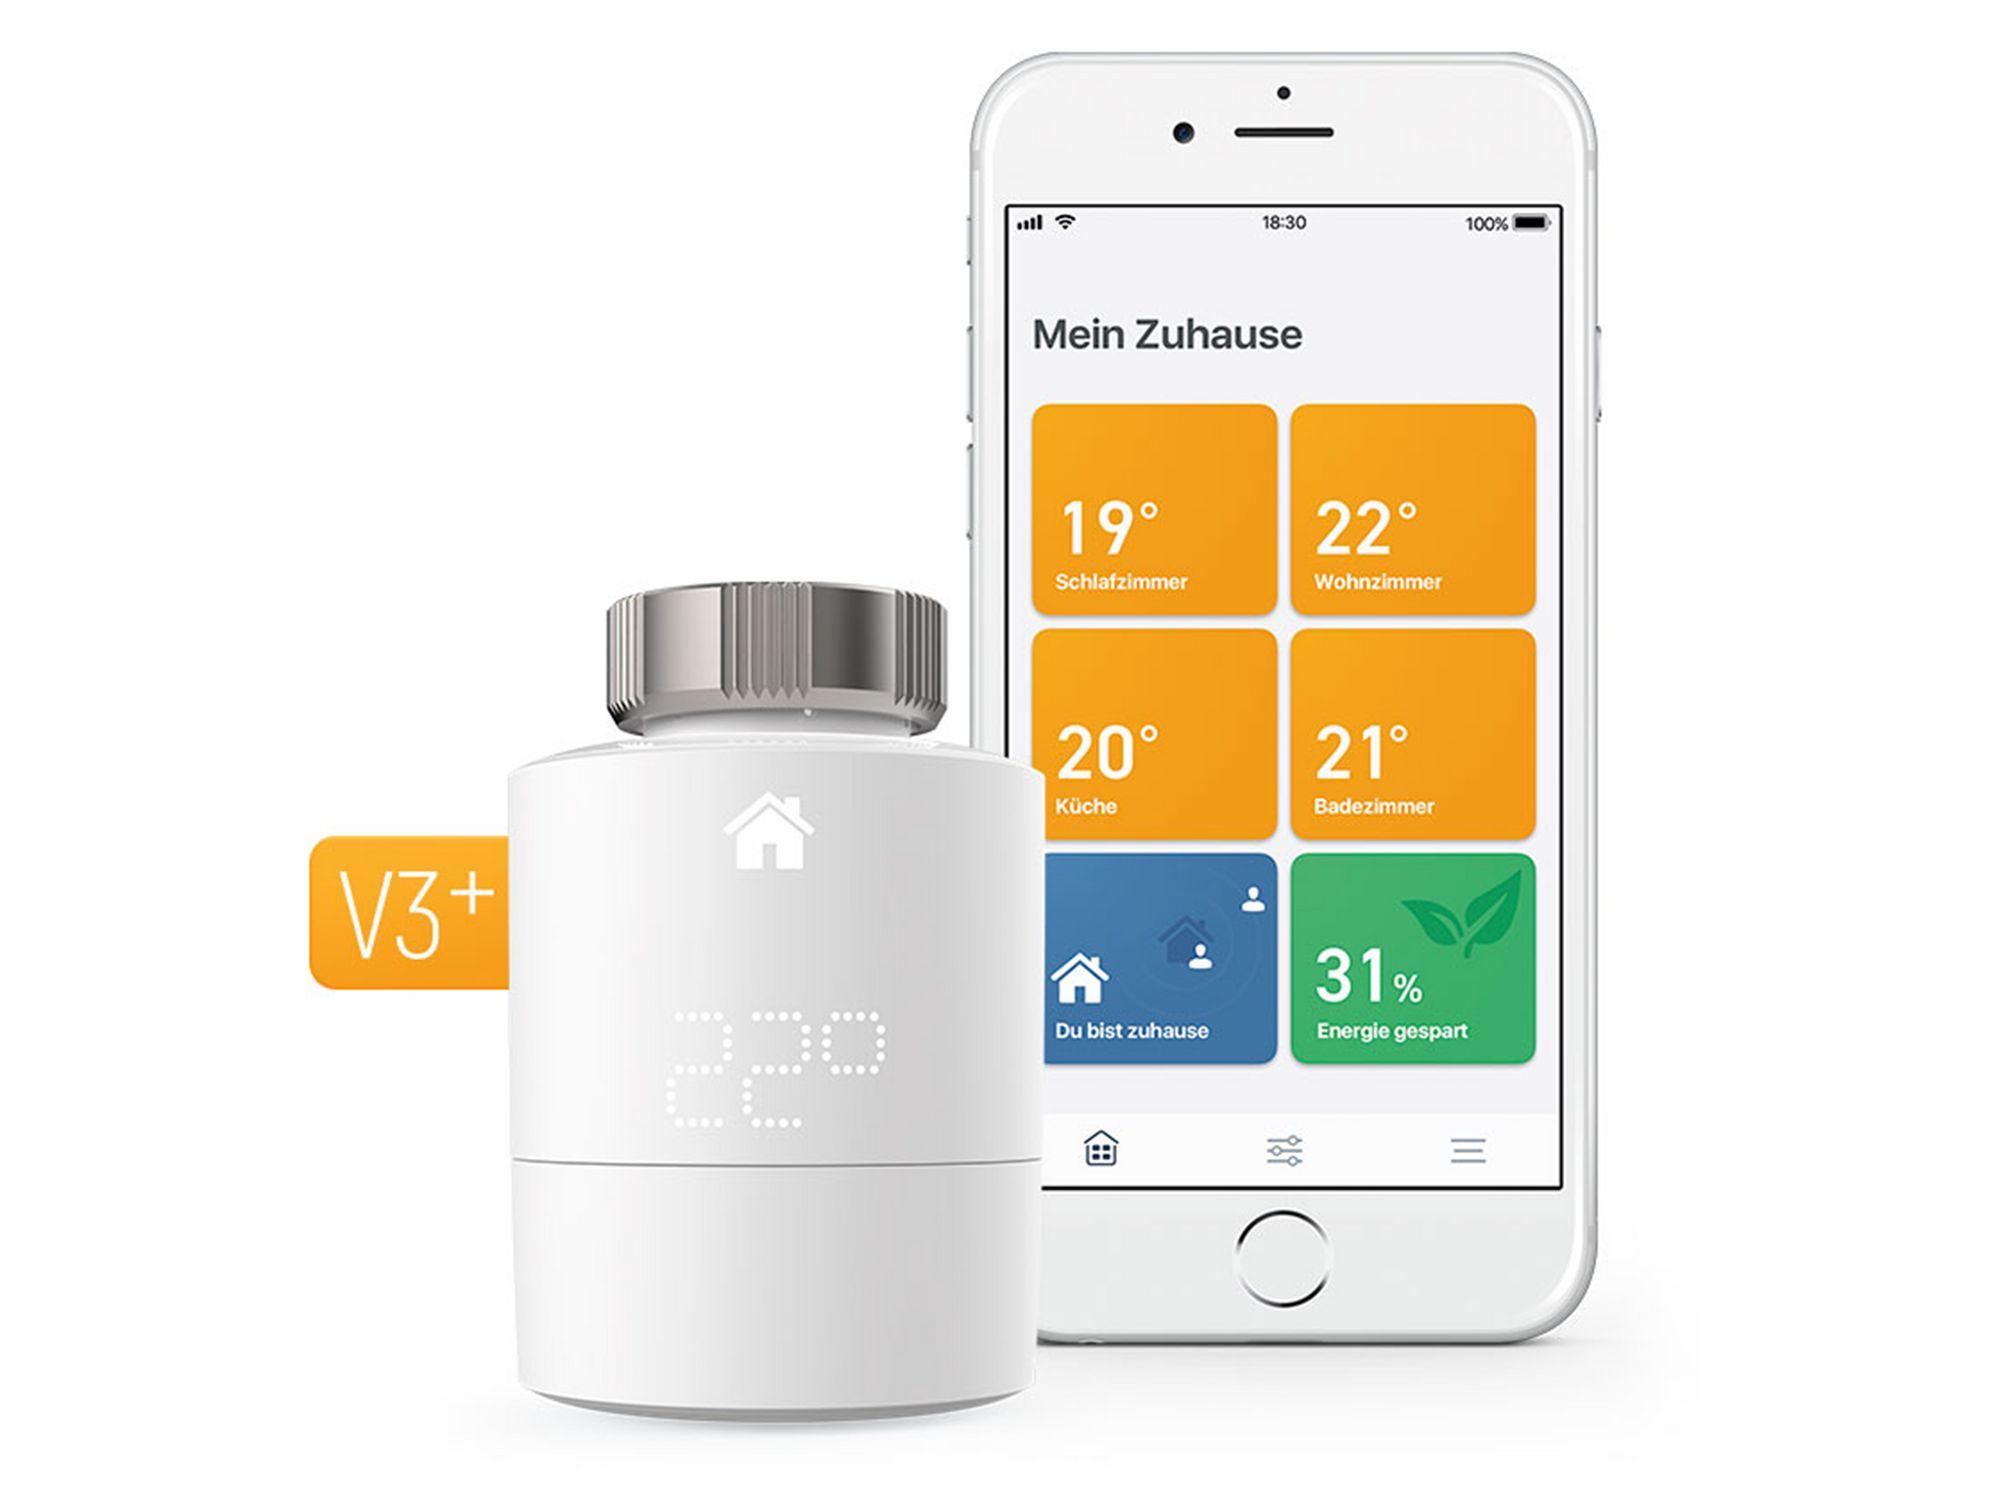 Full Size of Tado Smartes Heizkrper Thermostat Starter Kit V3 Sprüche Für Die Küche L Form Bank Schreinerküche Nobilia Mobile Singleküche Mit Kühlschrank Wohnzimmer Mobile Küche Kaufen